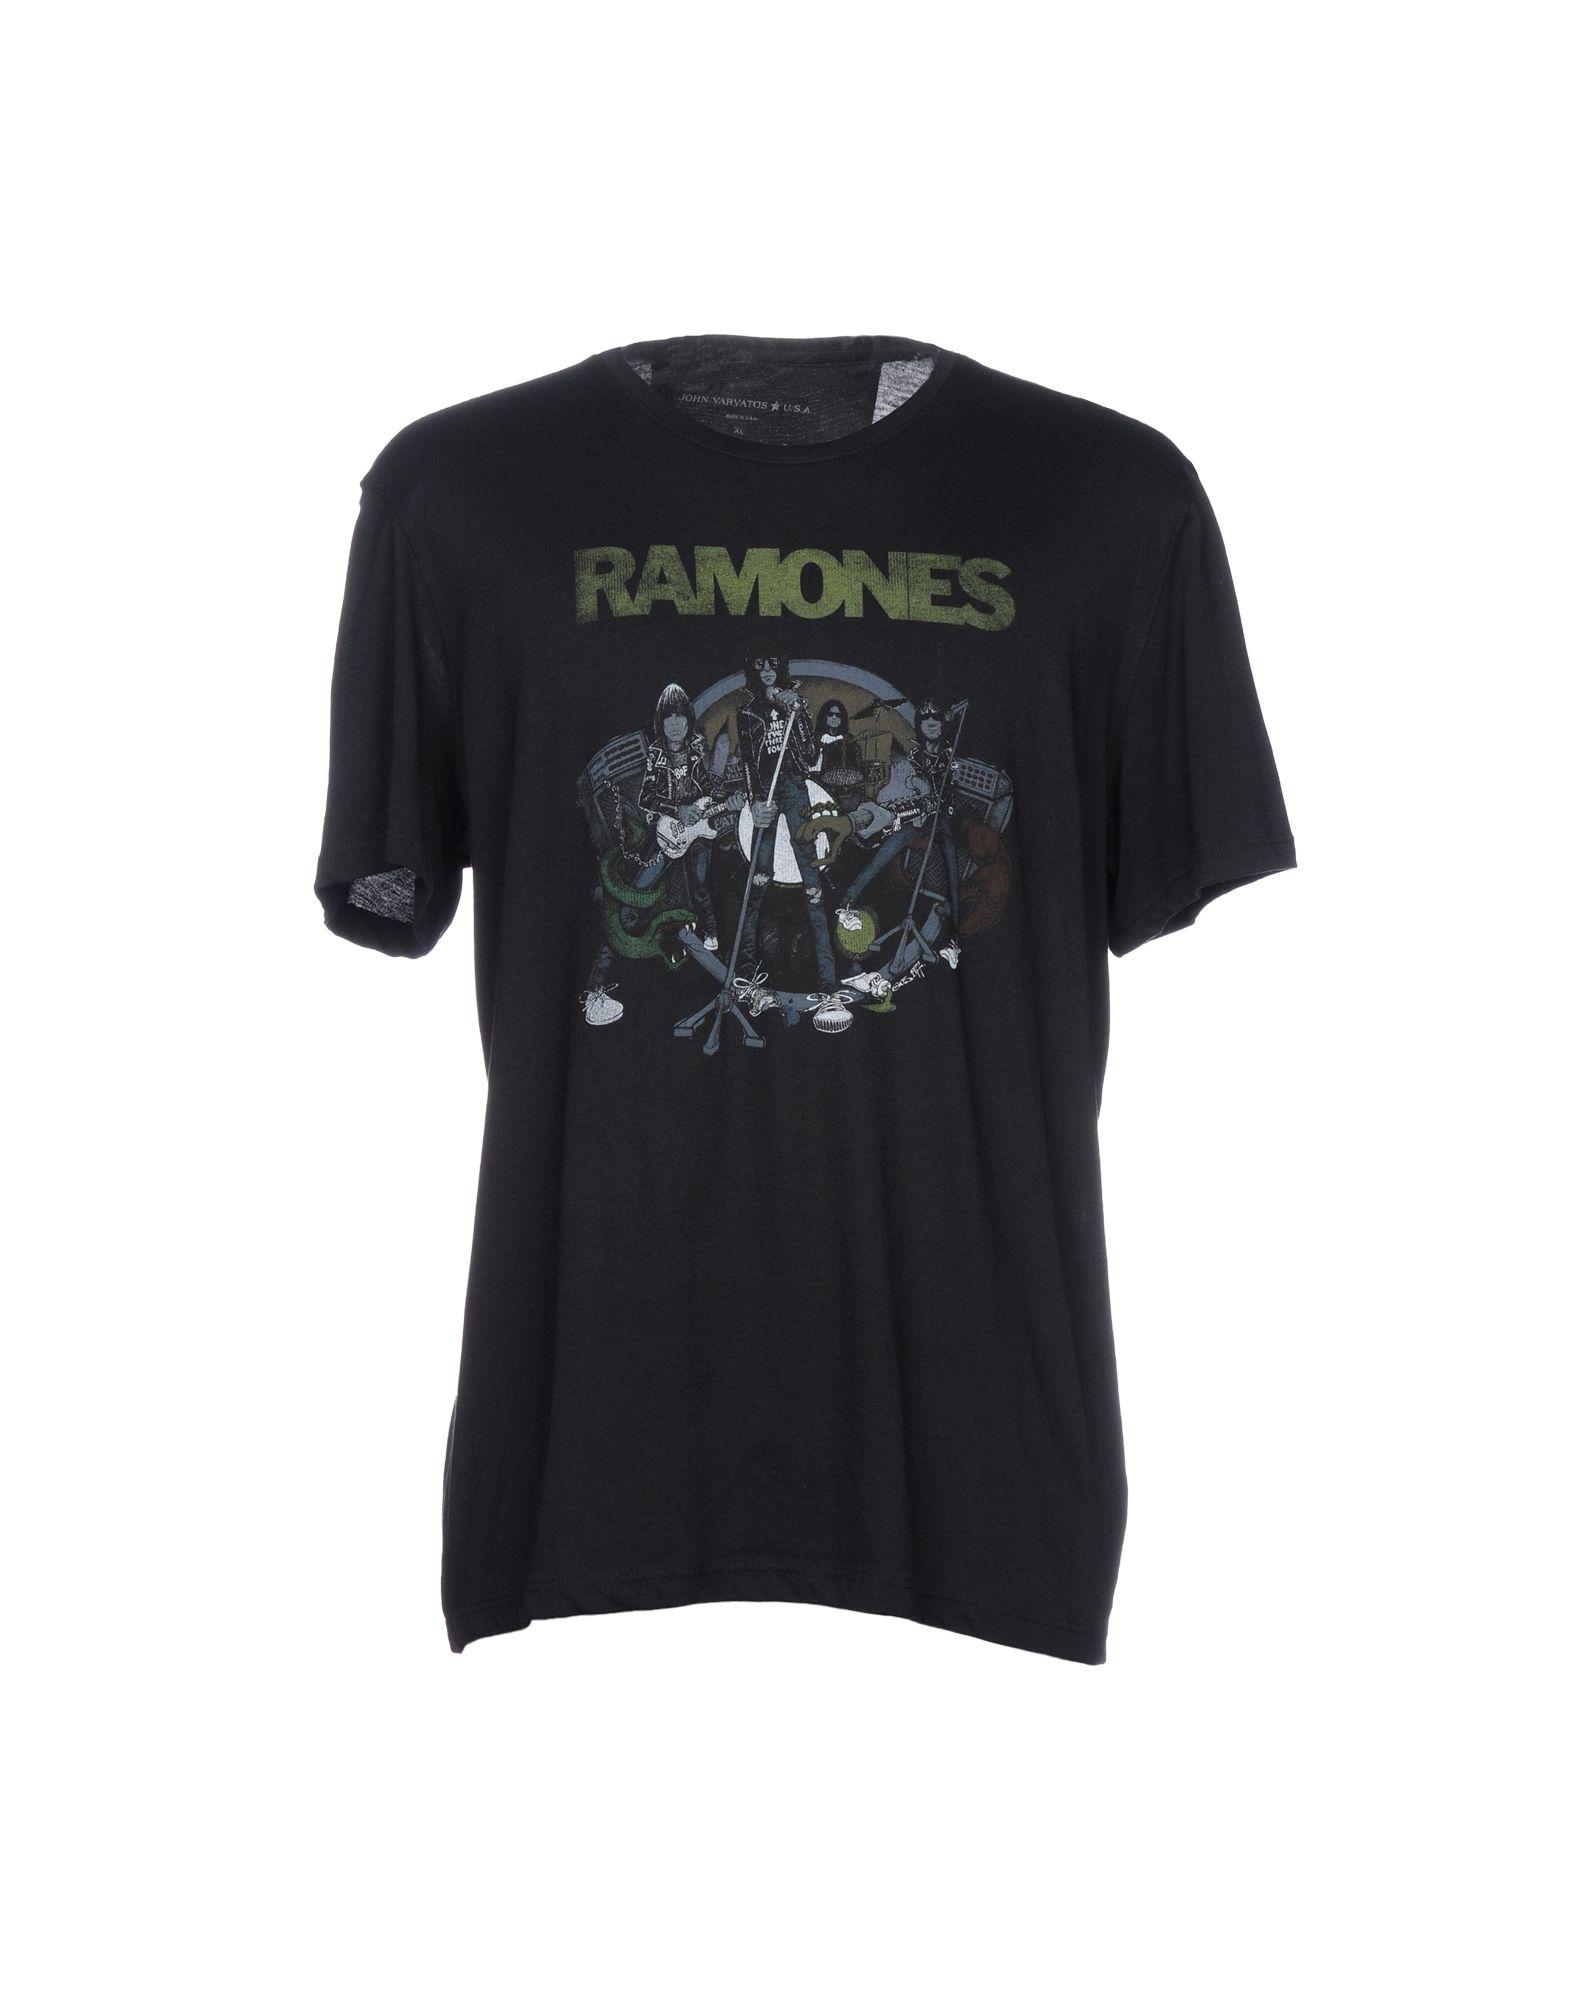 T-Shirt John Varvatos ★ 12155713FM U.S.A. Uomo - 12155713FM ★ 193907